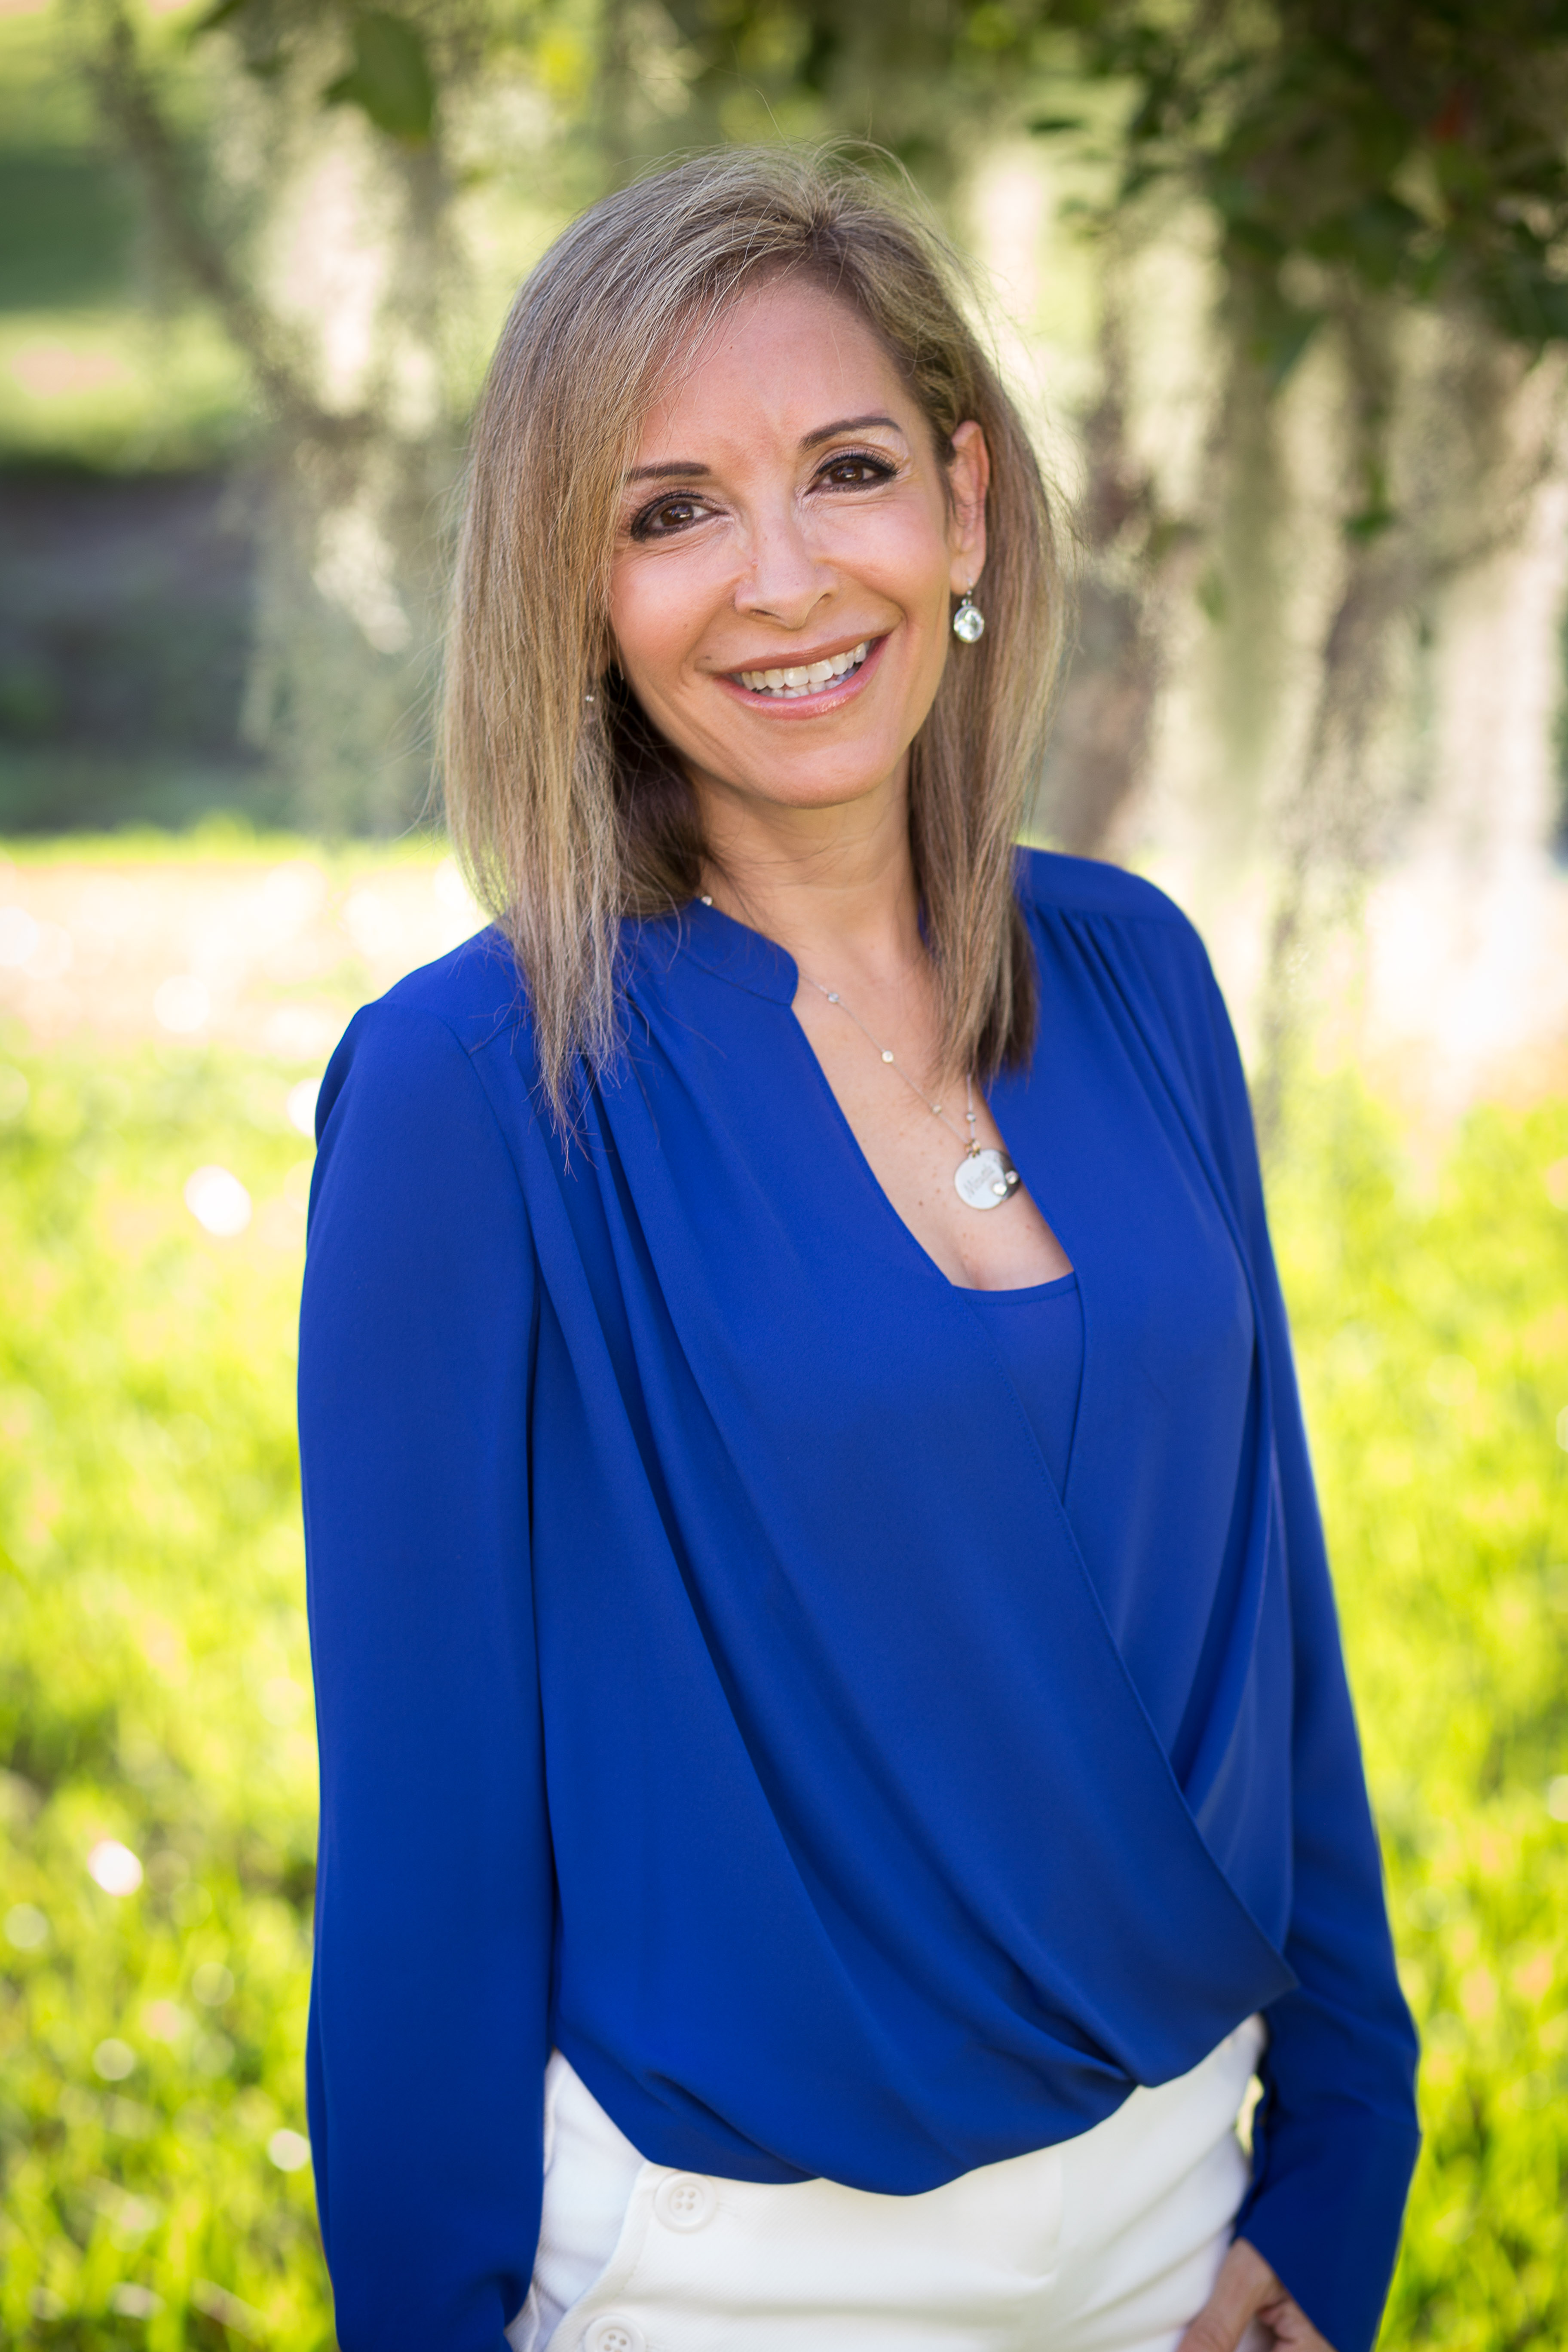 Dr. Jessica Vera